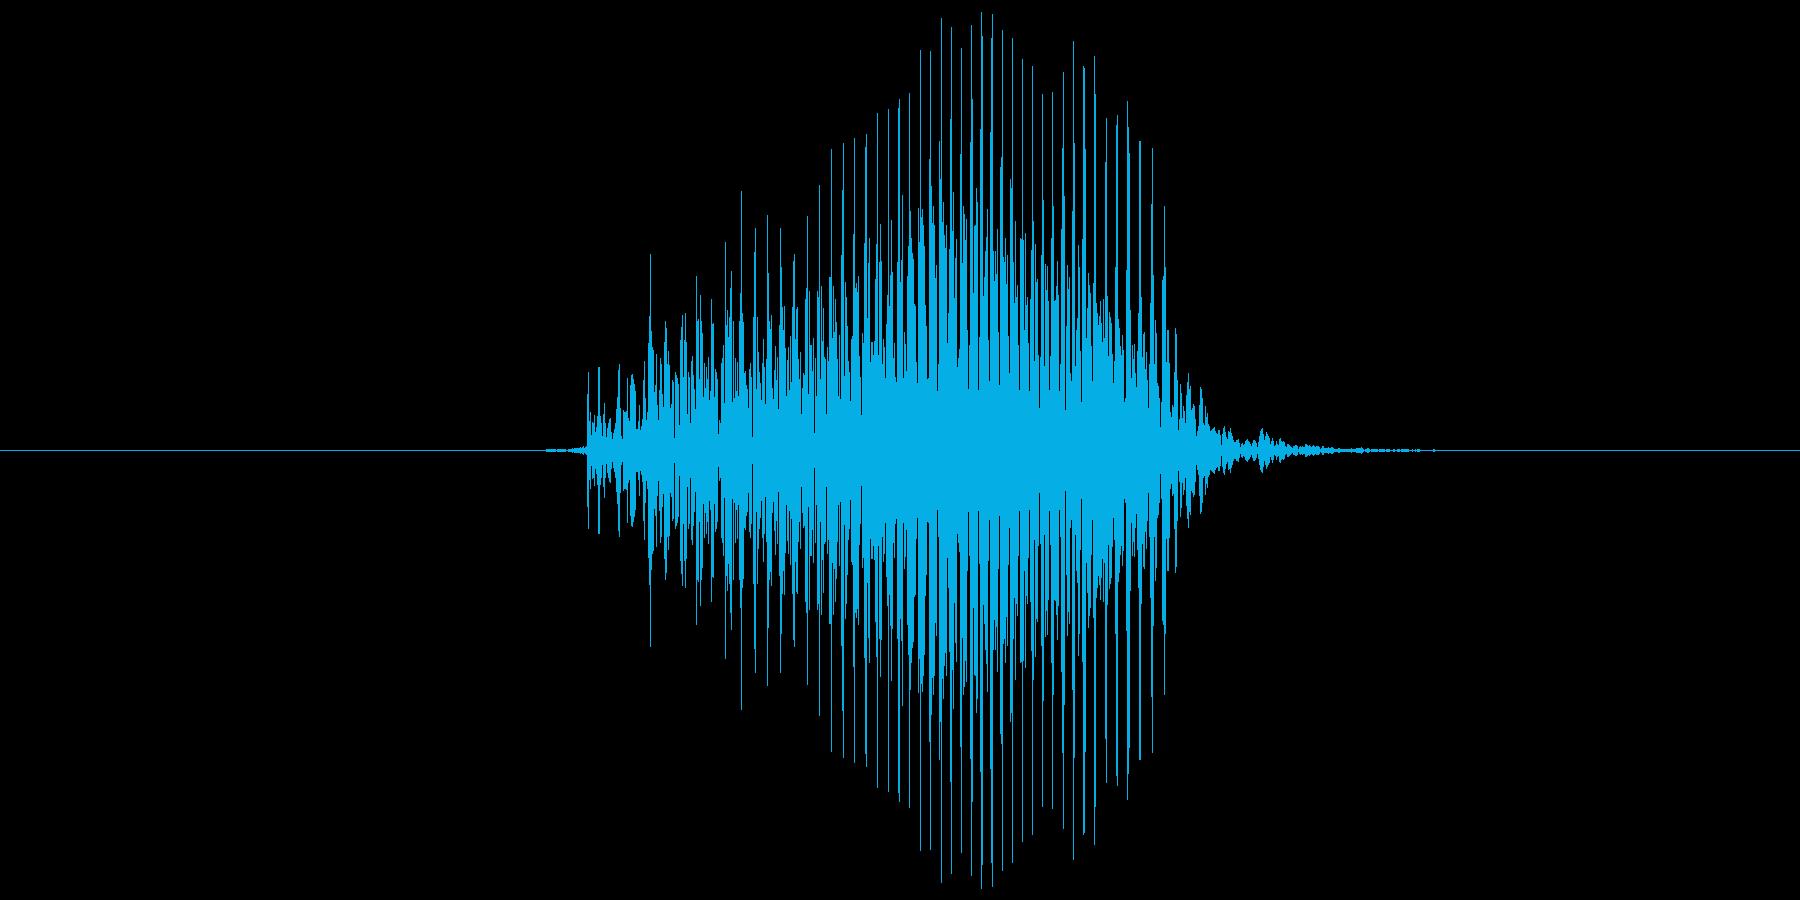 「えい」の再生済みの波形